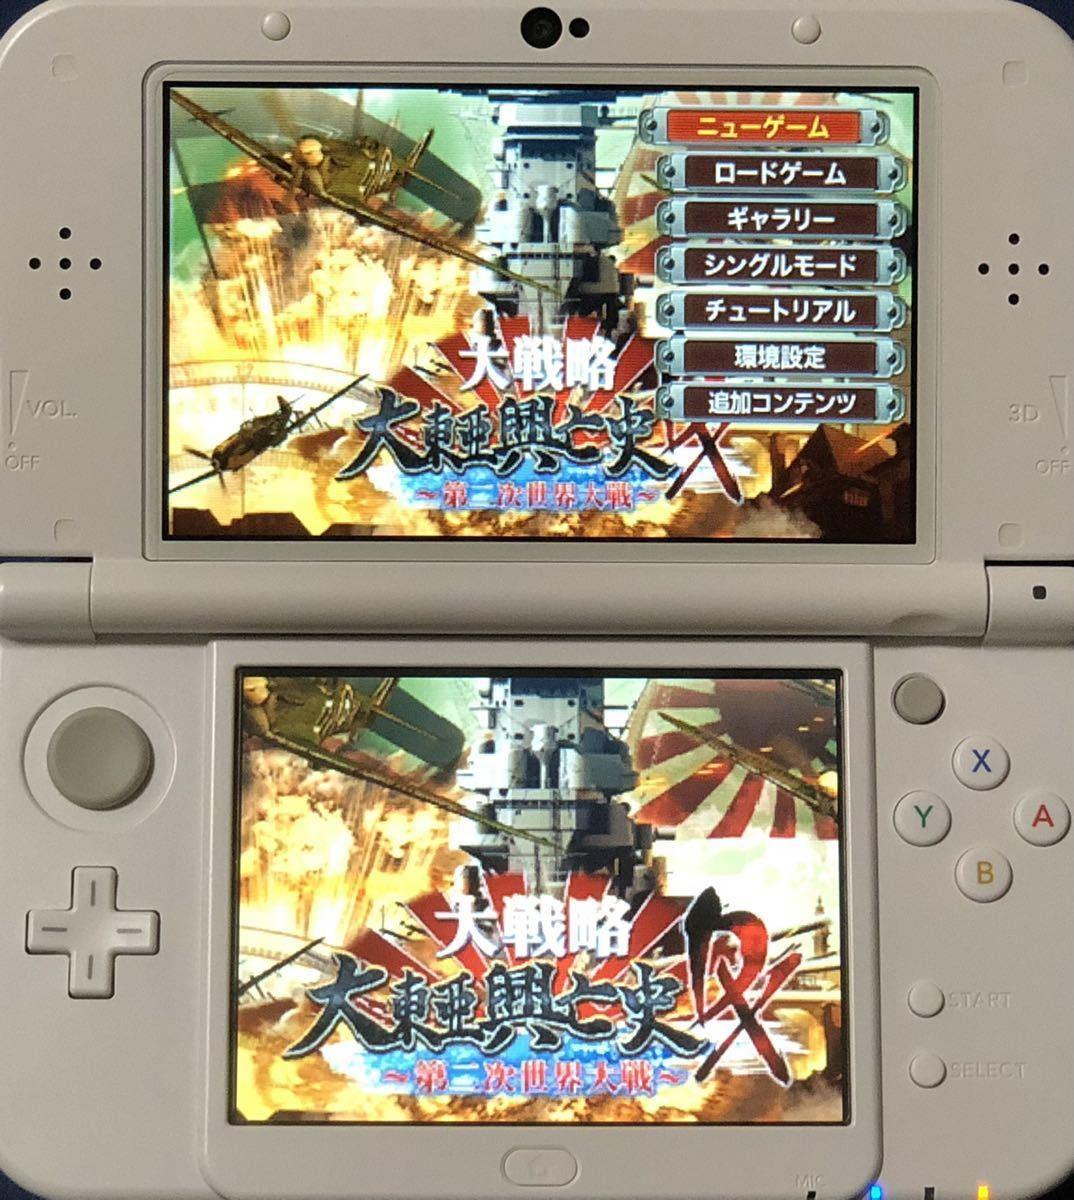 【動作確認画像有り】 3DS 大戦略 大東亜興亡史DX 第二次世界大戦 ニンテンドー3DS Nintendo 3DS ゲームソフト カセット